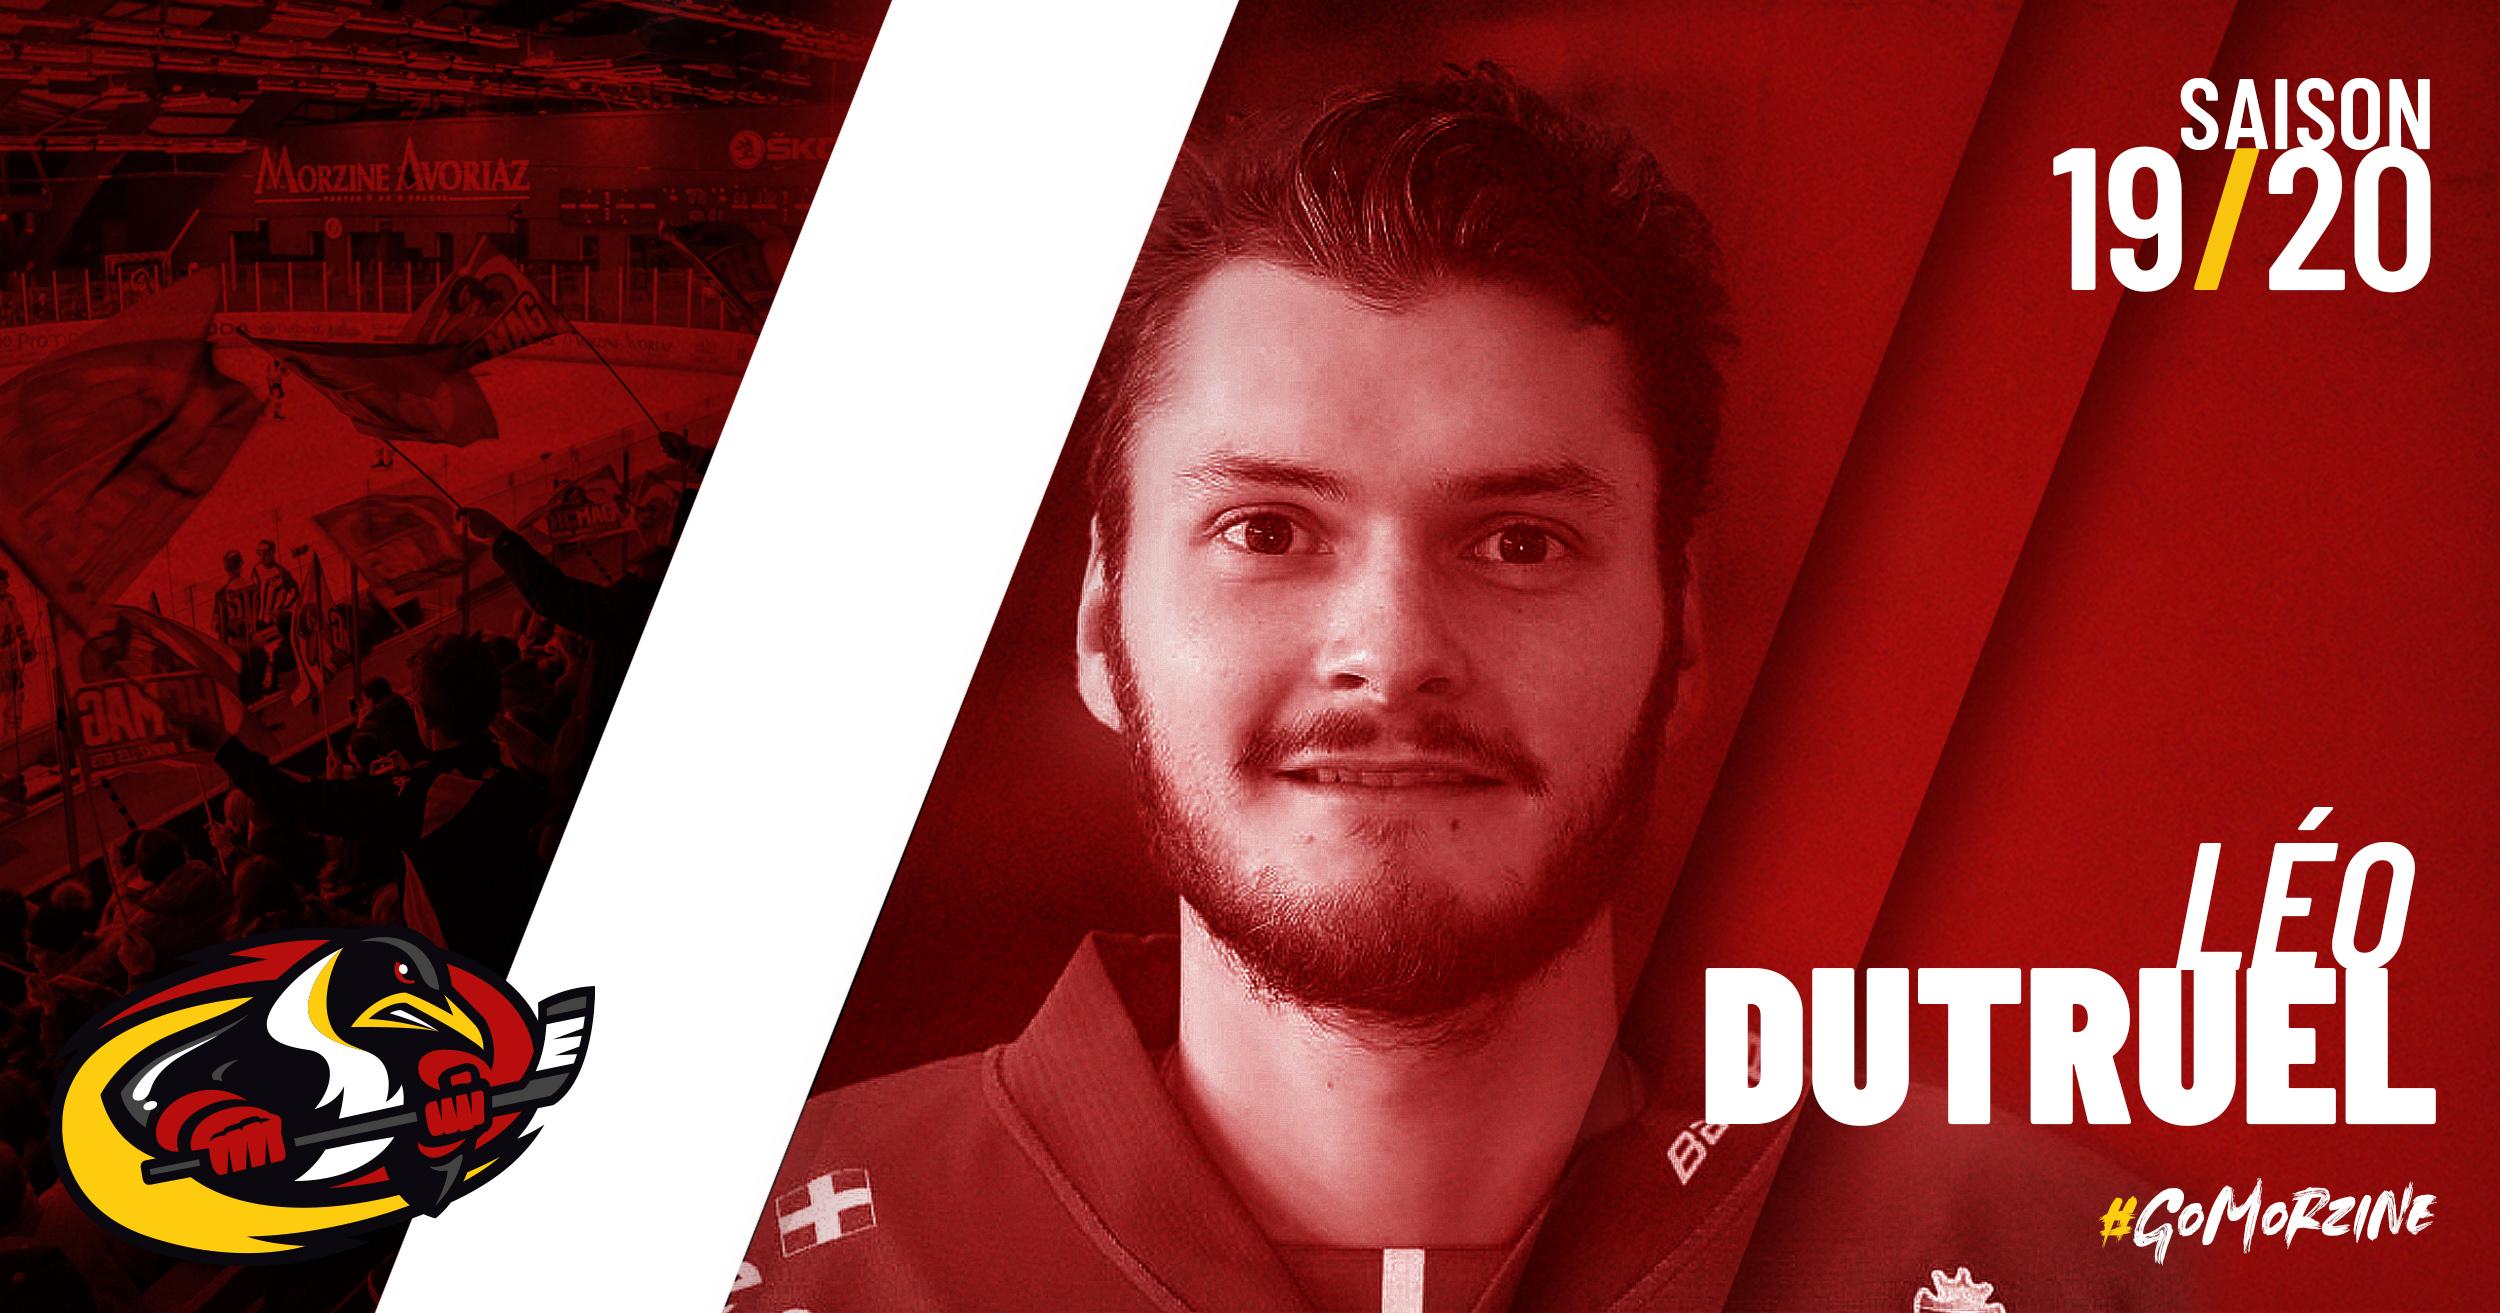 Léo Dutruel